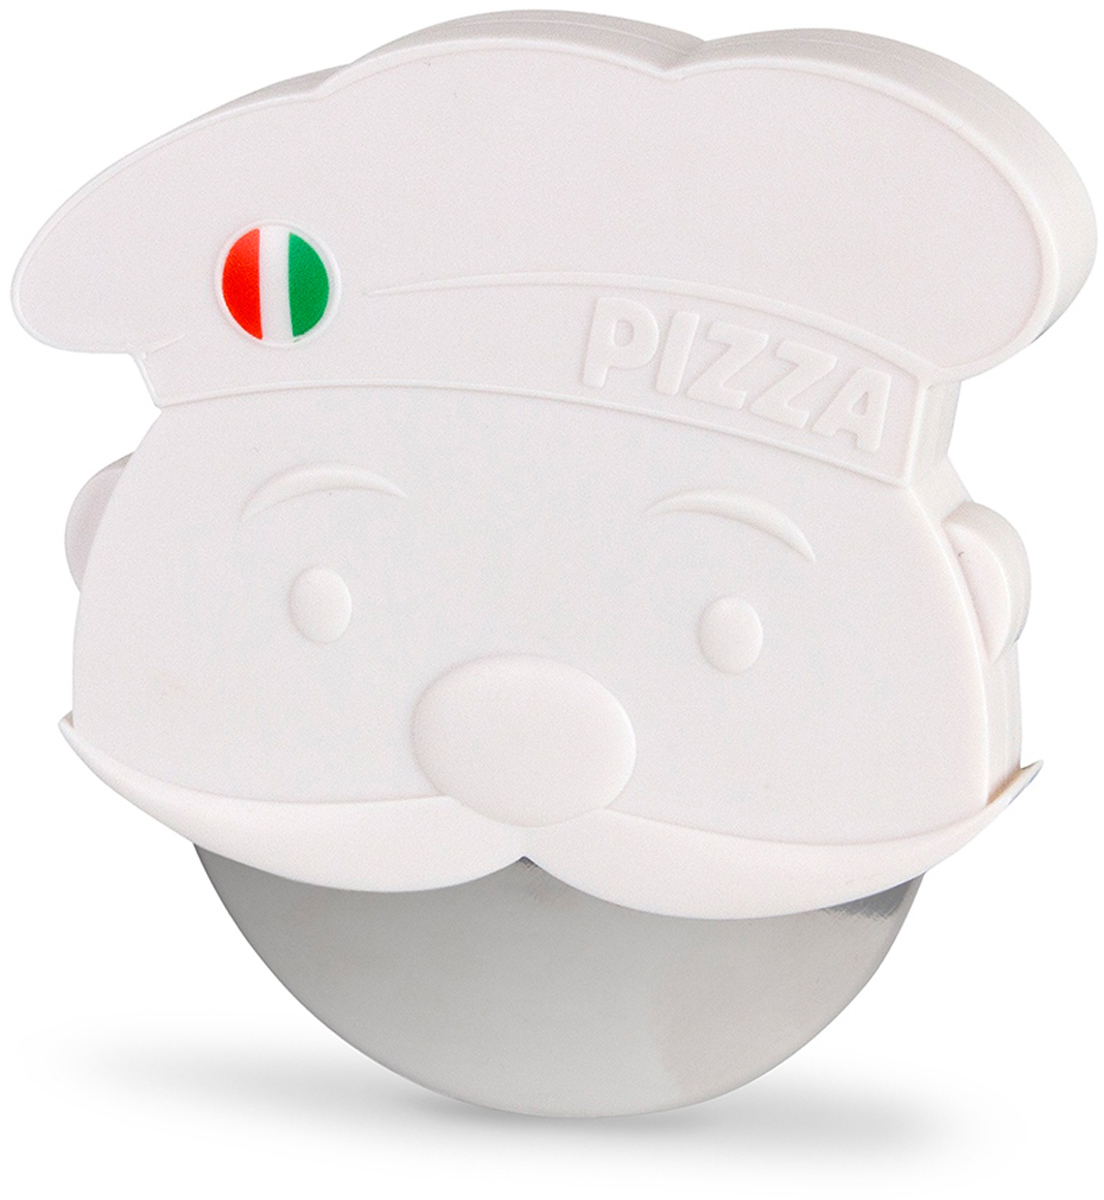 Нож для пиццы Balvi Pizzaiolo, цвет: белый25815Незаменимый прибор на кухне - нож для пиццы Pizzaiolo. Пластиковая рукоятка ножа выполнена в виде итальянского повара с роскошными усами, на колпаке у которого красуется флаг Италии. Лезвие этого ножа для пиццы изготовлено из сверхпрочной нержавеющей стали, что позволит легко и быстро разделить пиццу на равные куски и подать к столу. Уникальный дизайн корпуса-рукоятки защитит ваши руки от случайных порезов. - Оригинальный дизайн рукоятки ножа в виде итальянского повара.- Нож для пиццы изготовлен из нержавеющей стали.- Пластиковая рукоятка надежно защитит от порезов.